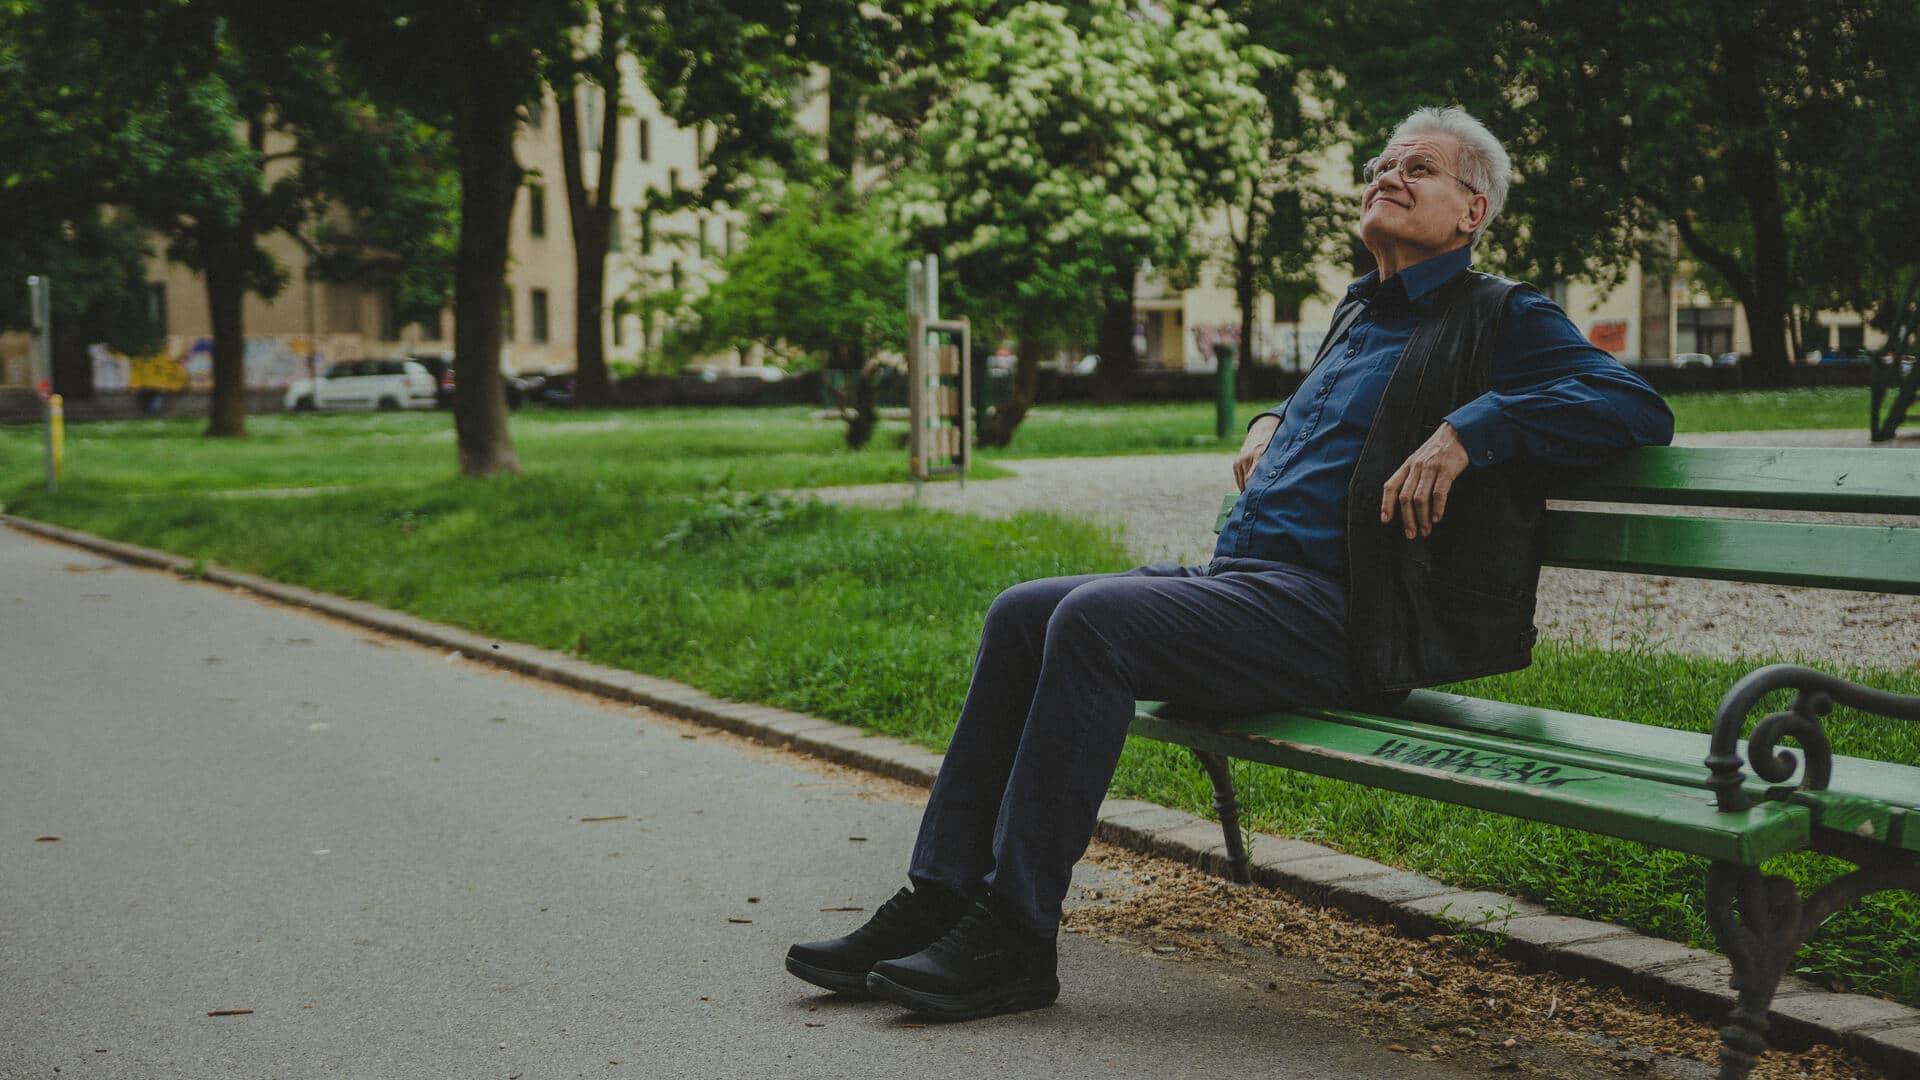 Marko Juhant v parku na klopci